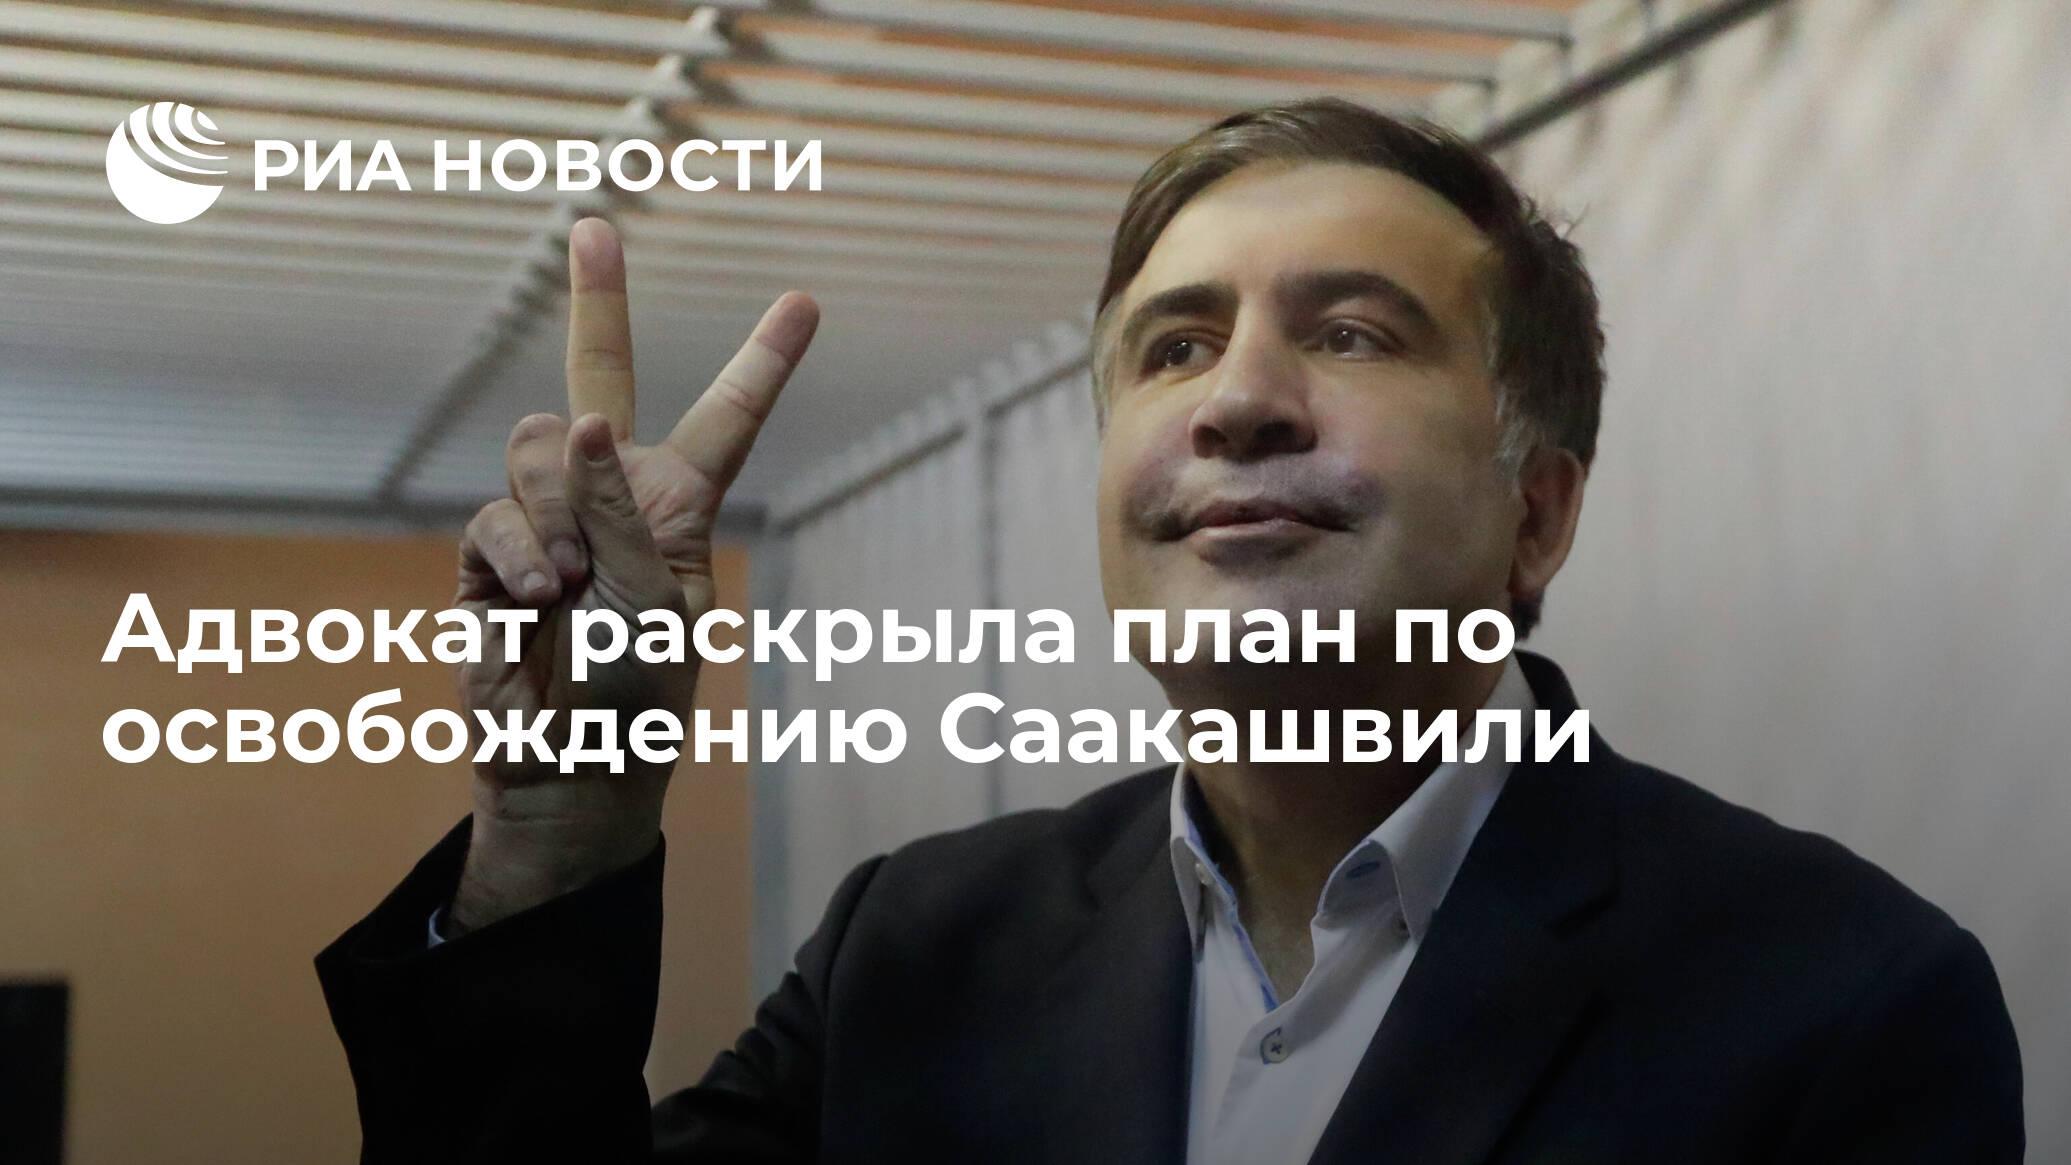 Адвокат раскрыла план по освобождению Саакашвили